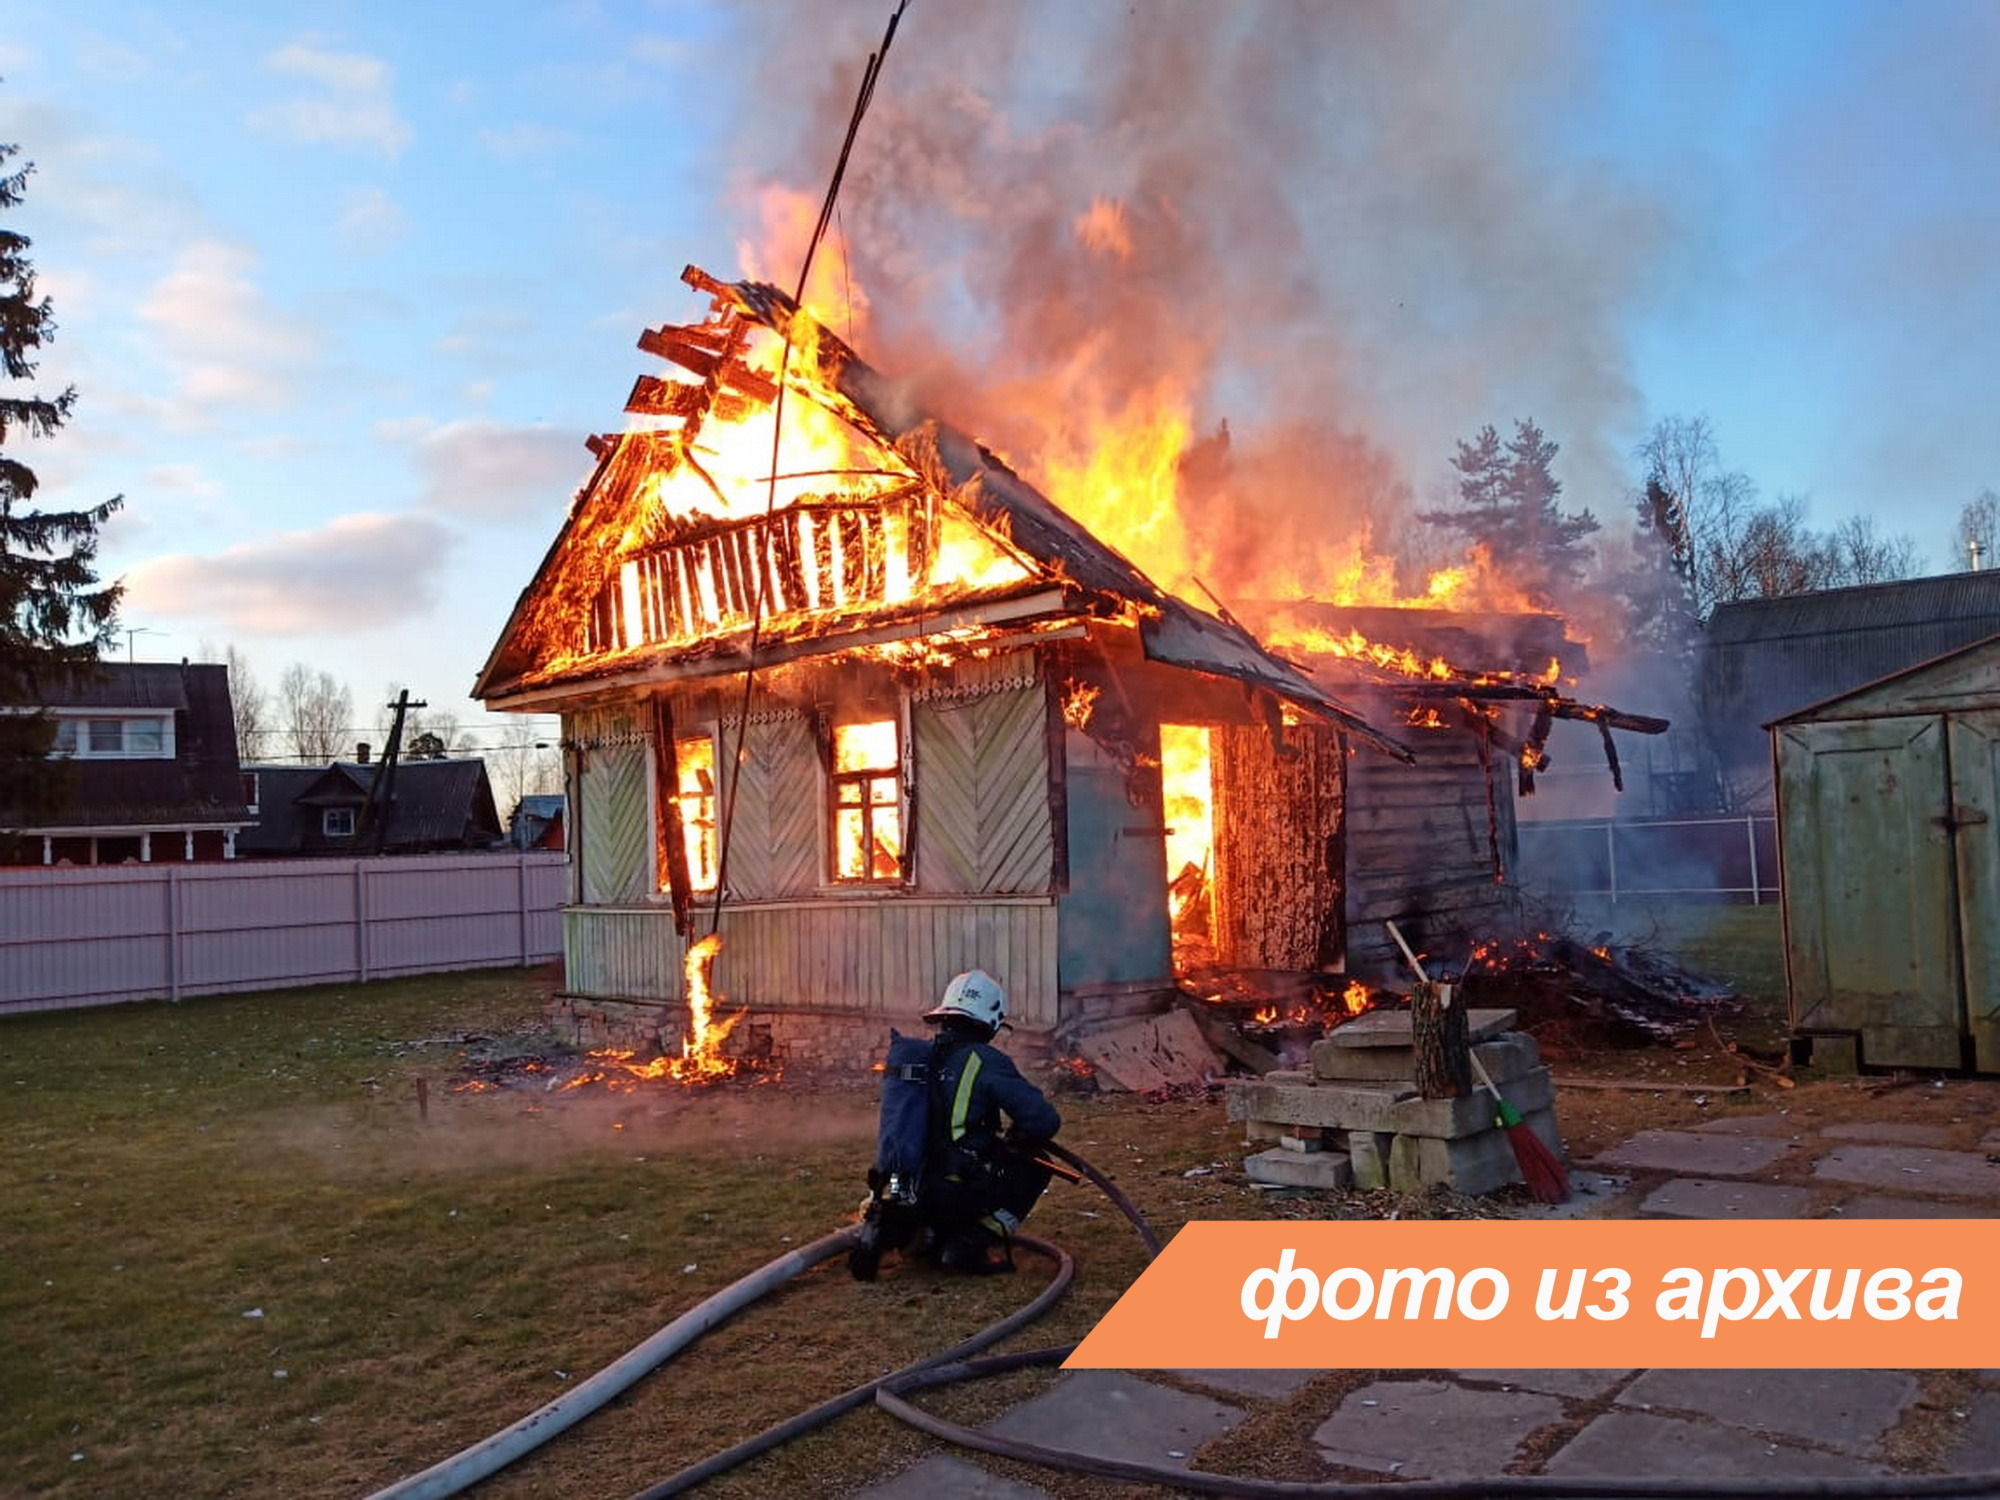 Пожарно-спасательные подразделения Ленинградской области ликвидировали пожар в Кировском районе